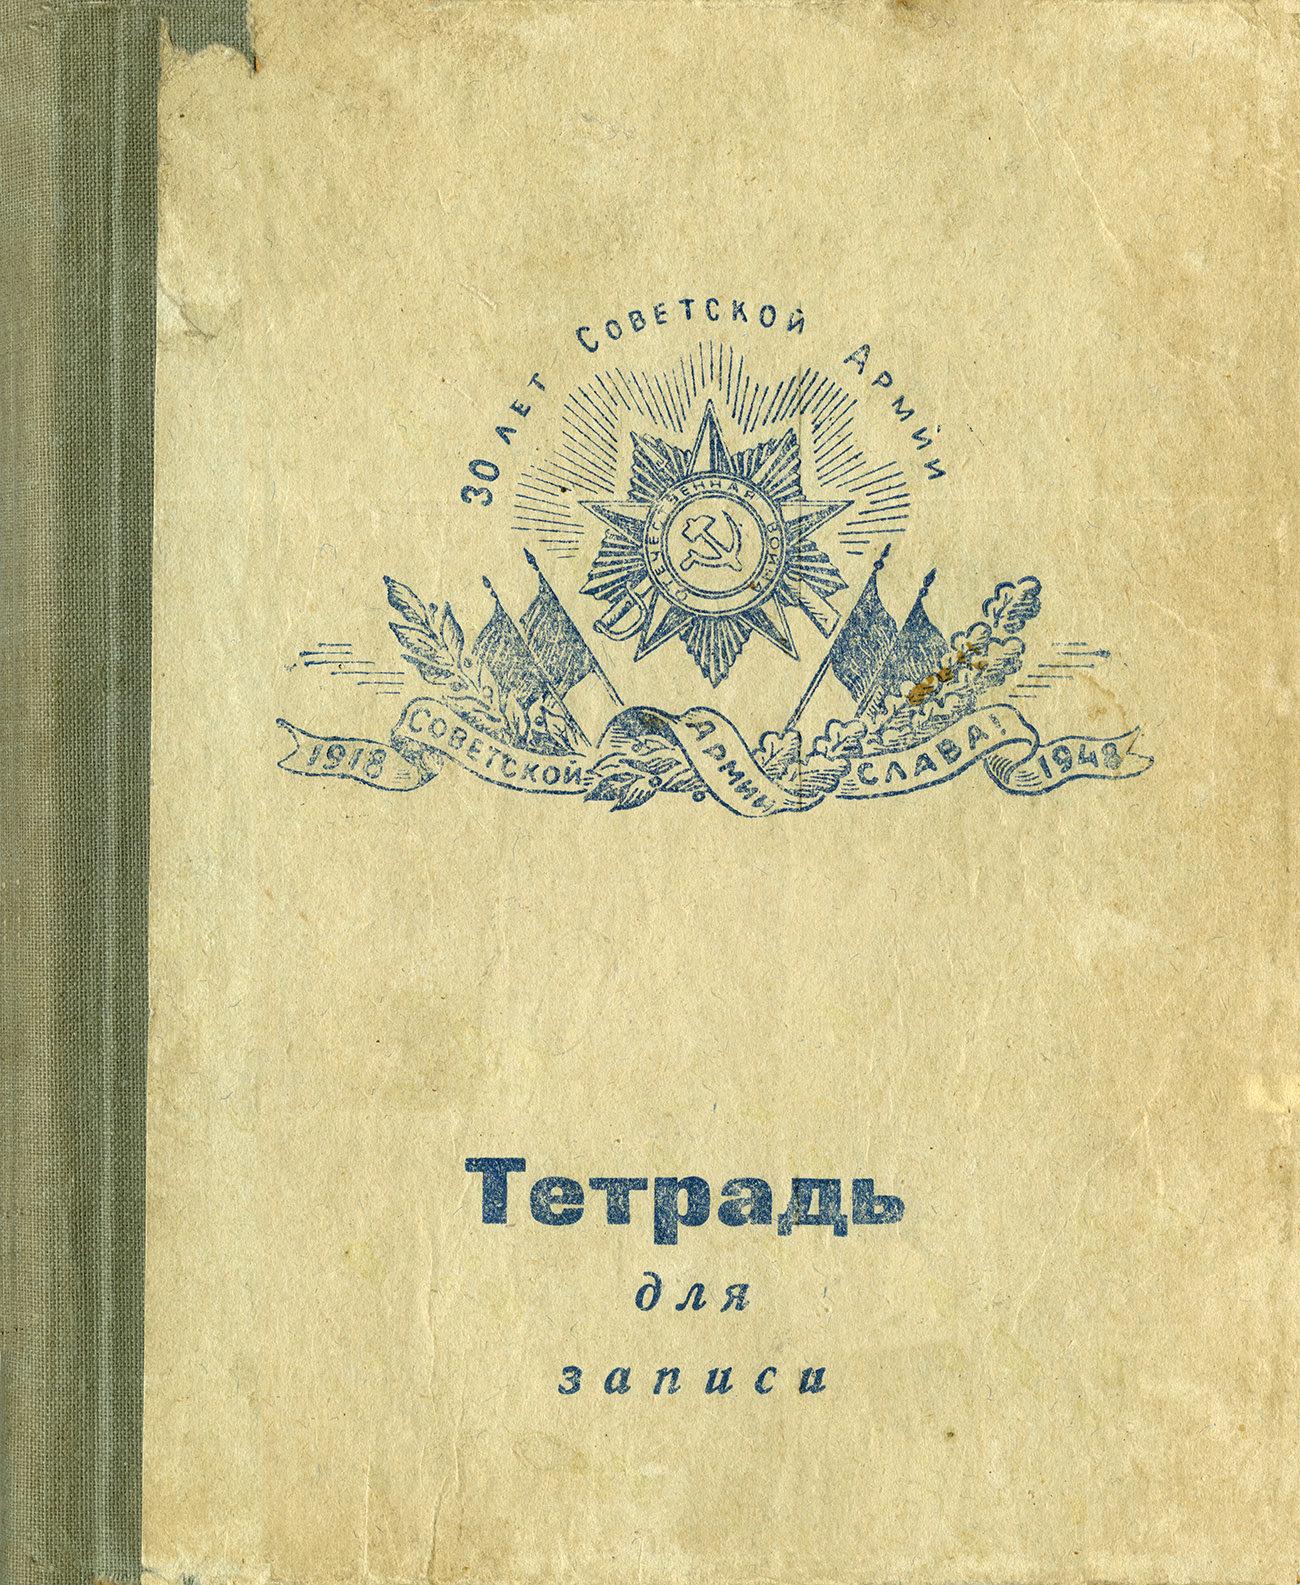 """Тетрадь для записи """"30 лет Советской Армии"""", 1948"""